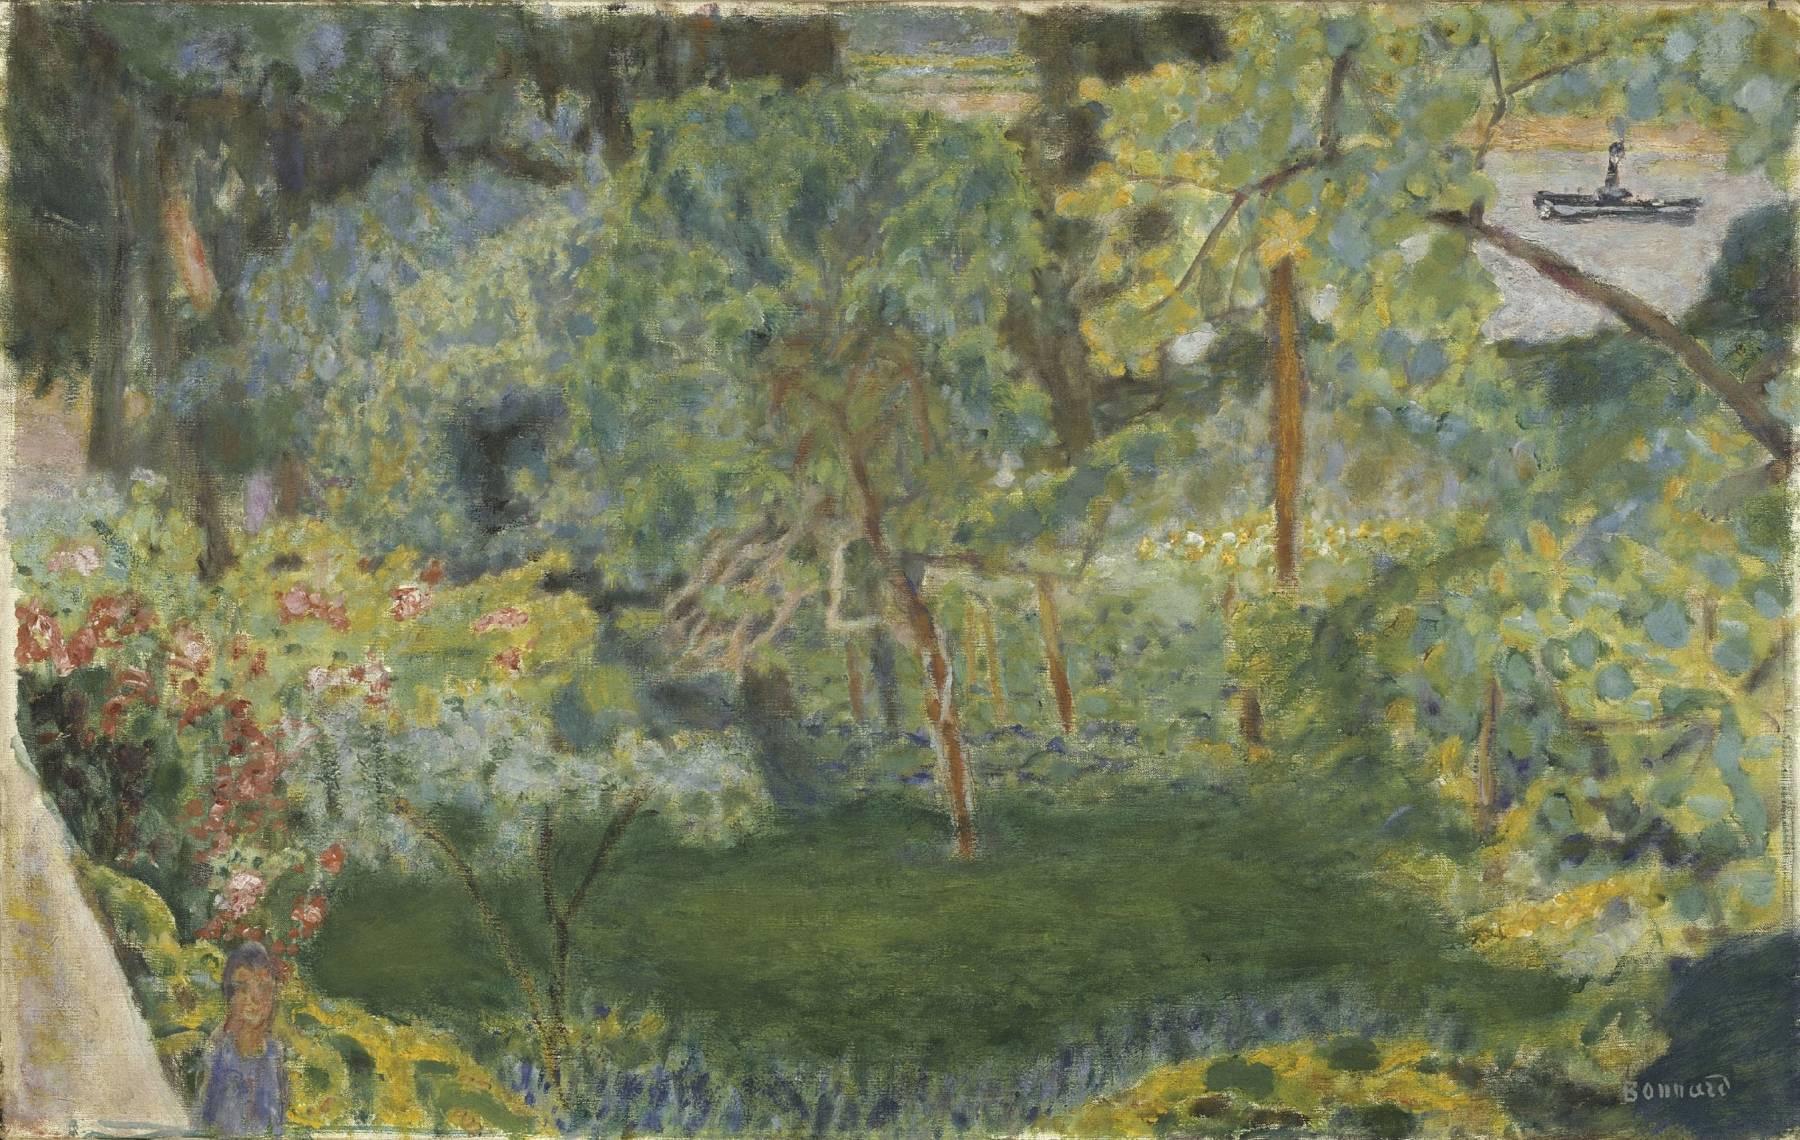 Pierre Bonnard, Paysage au remorqueur